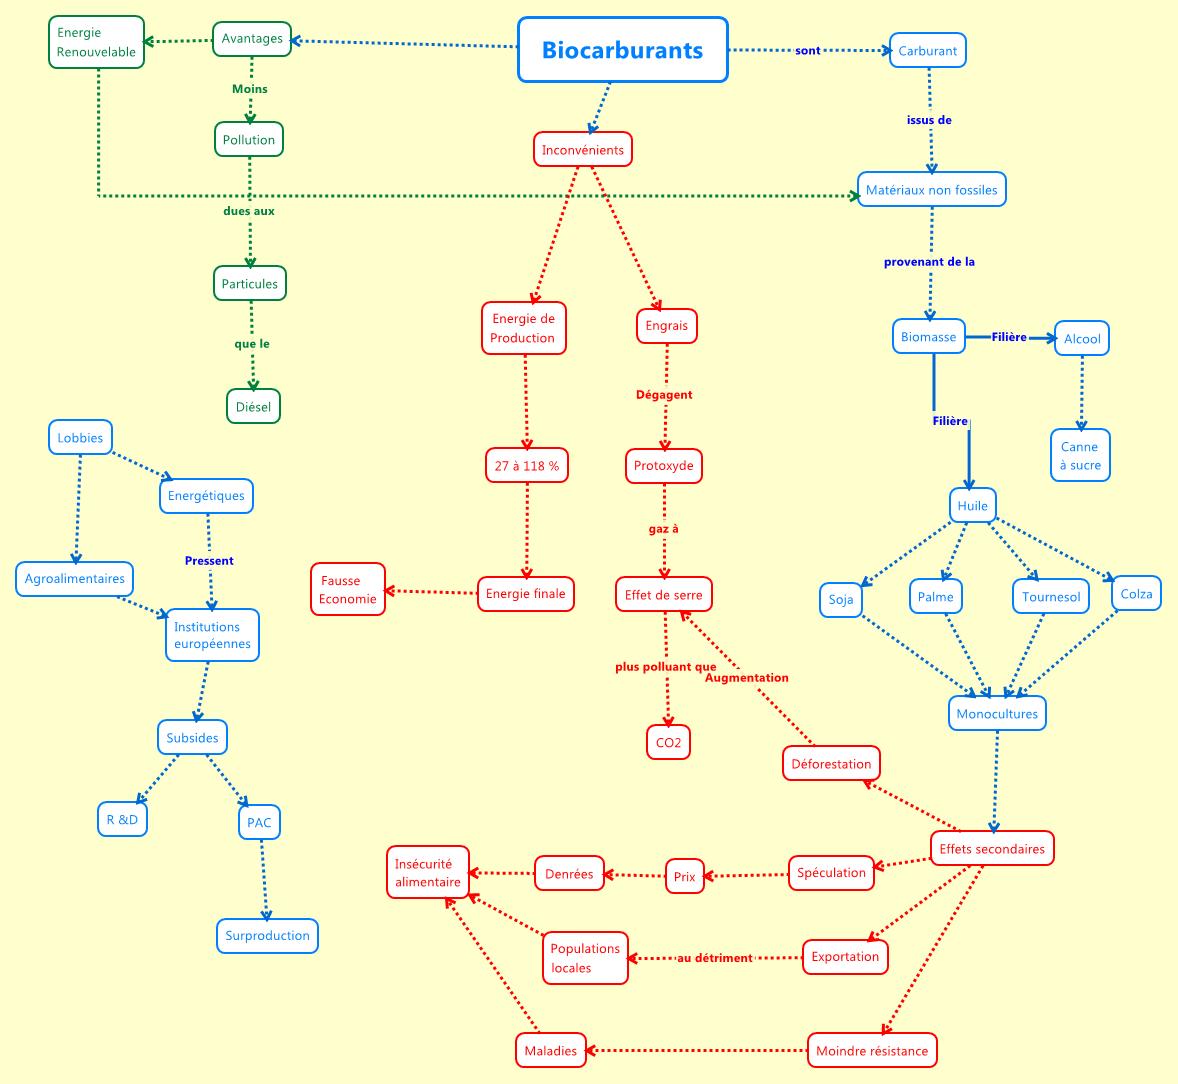 cartes argumentaires : carte conceptuelle imitant une carte argumentaire